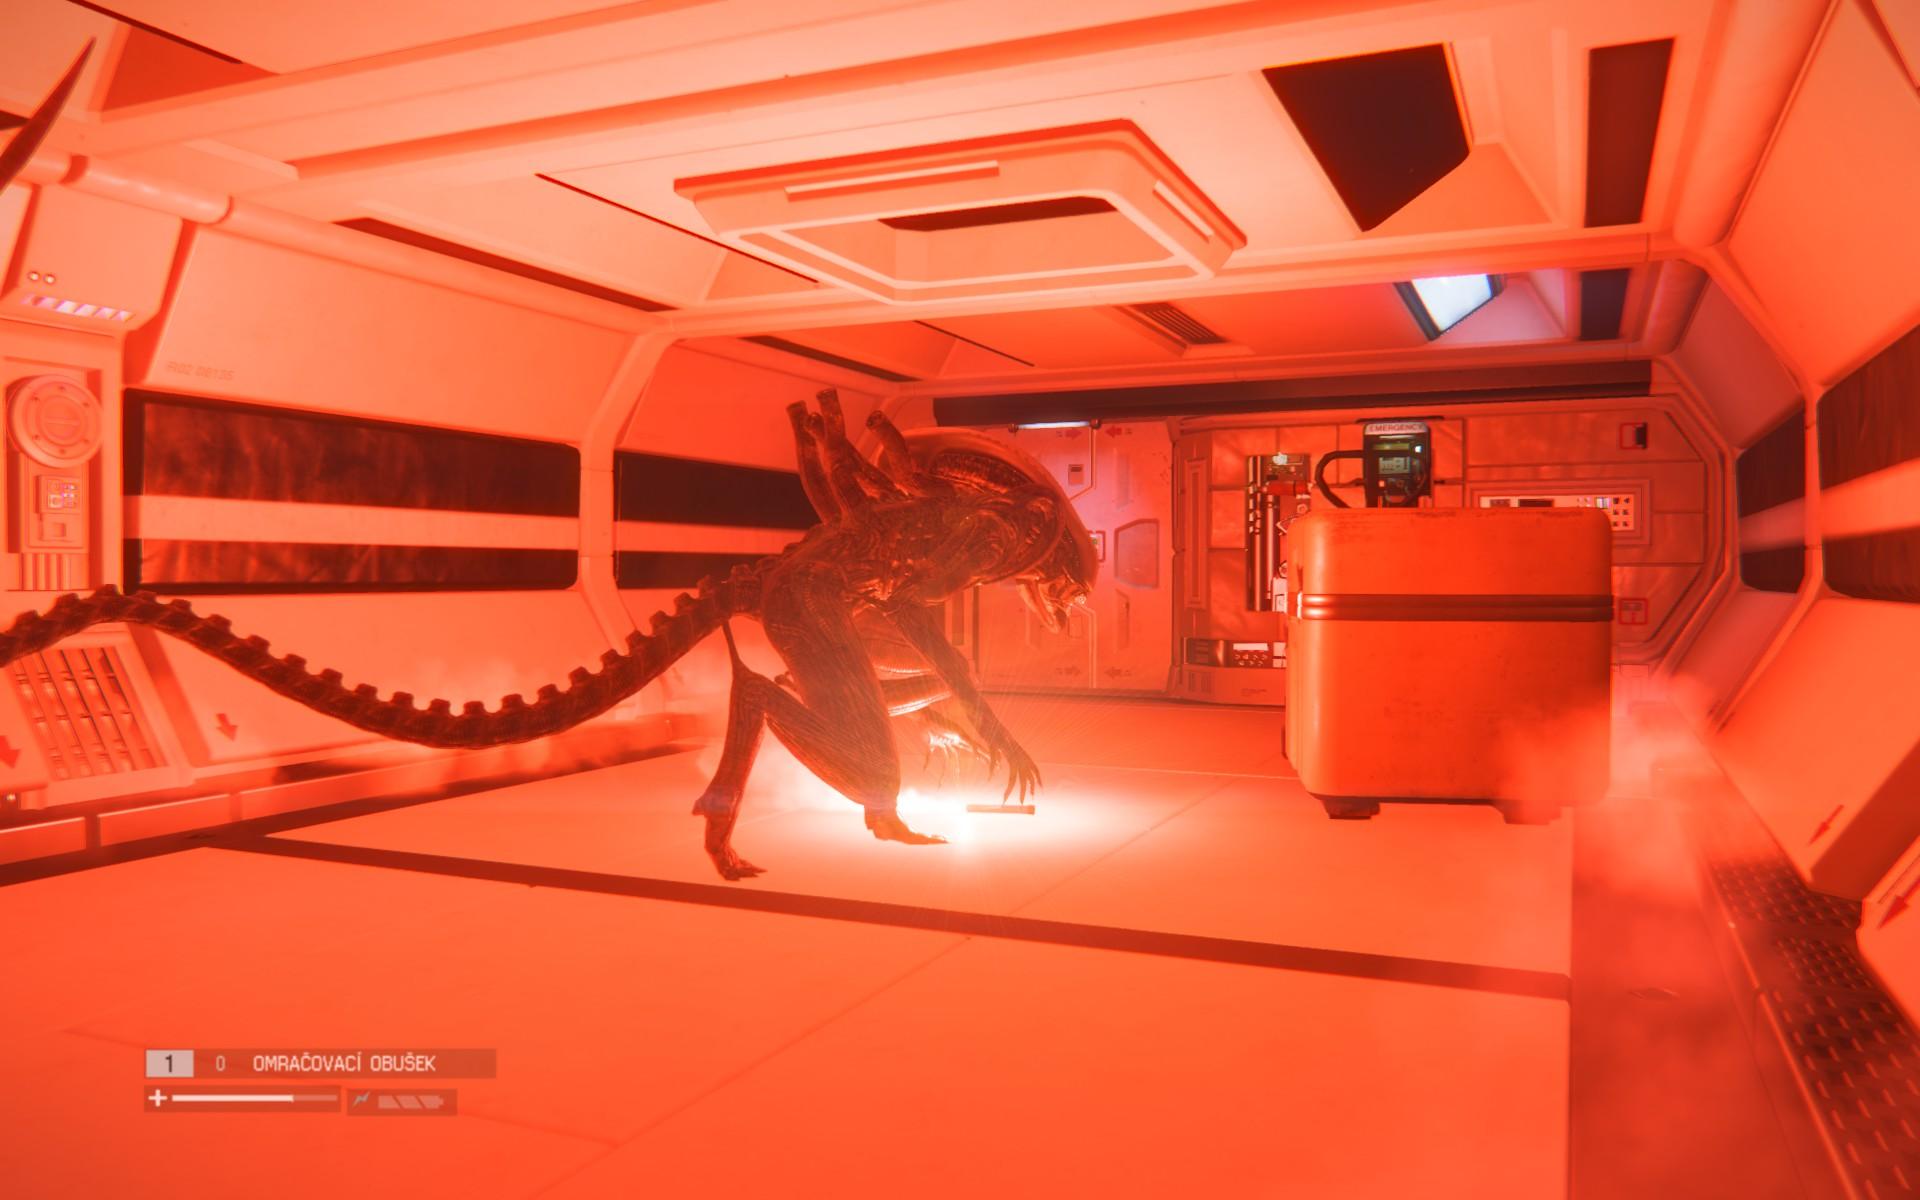 Komentář: Alien Isolation - Stereotypní rádoby horor, který všichni žerou 9634